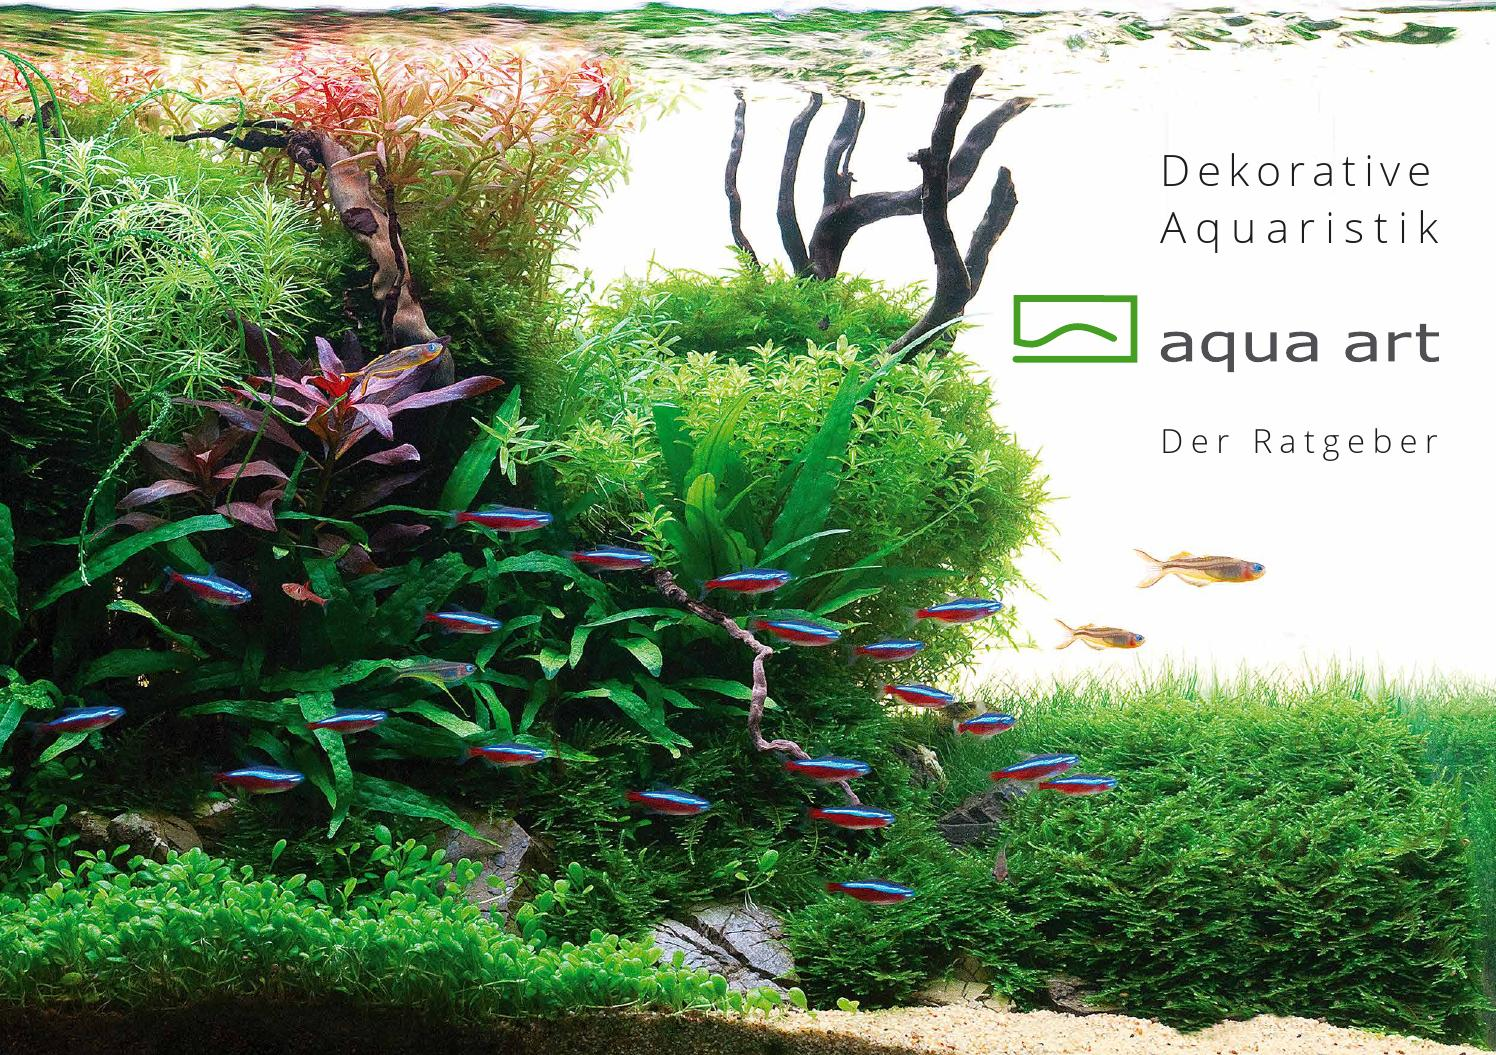 De ornamental aquarium   ratgeber aqua art® by aqua art   issuu